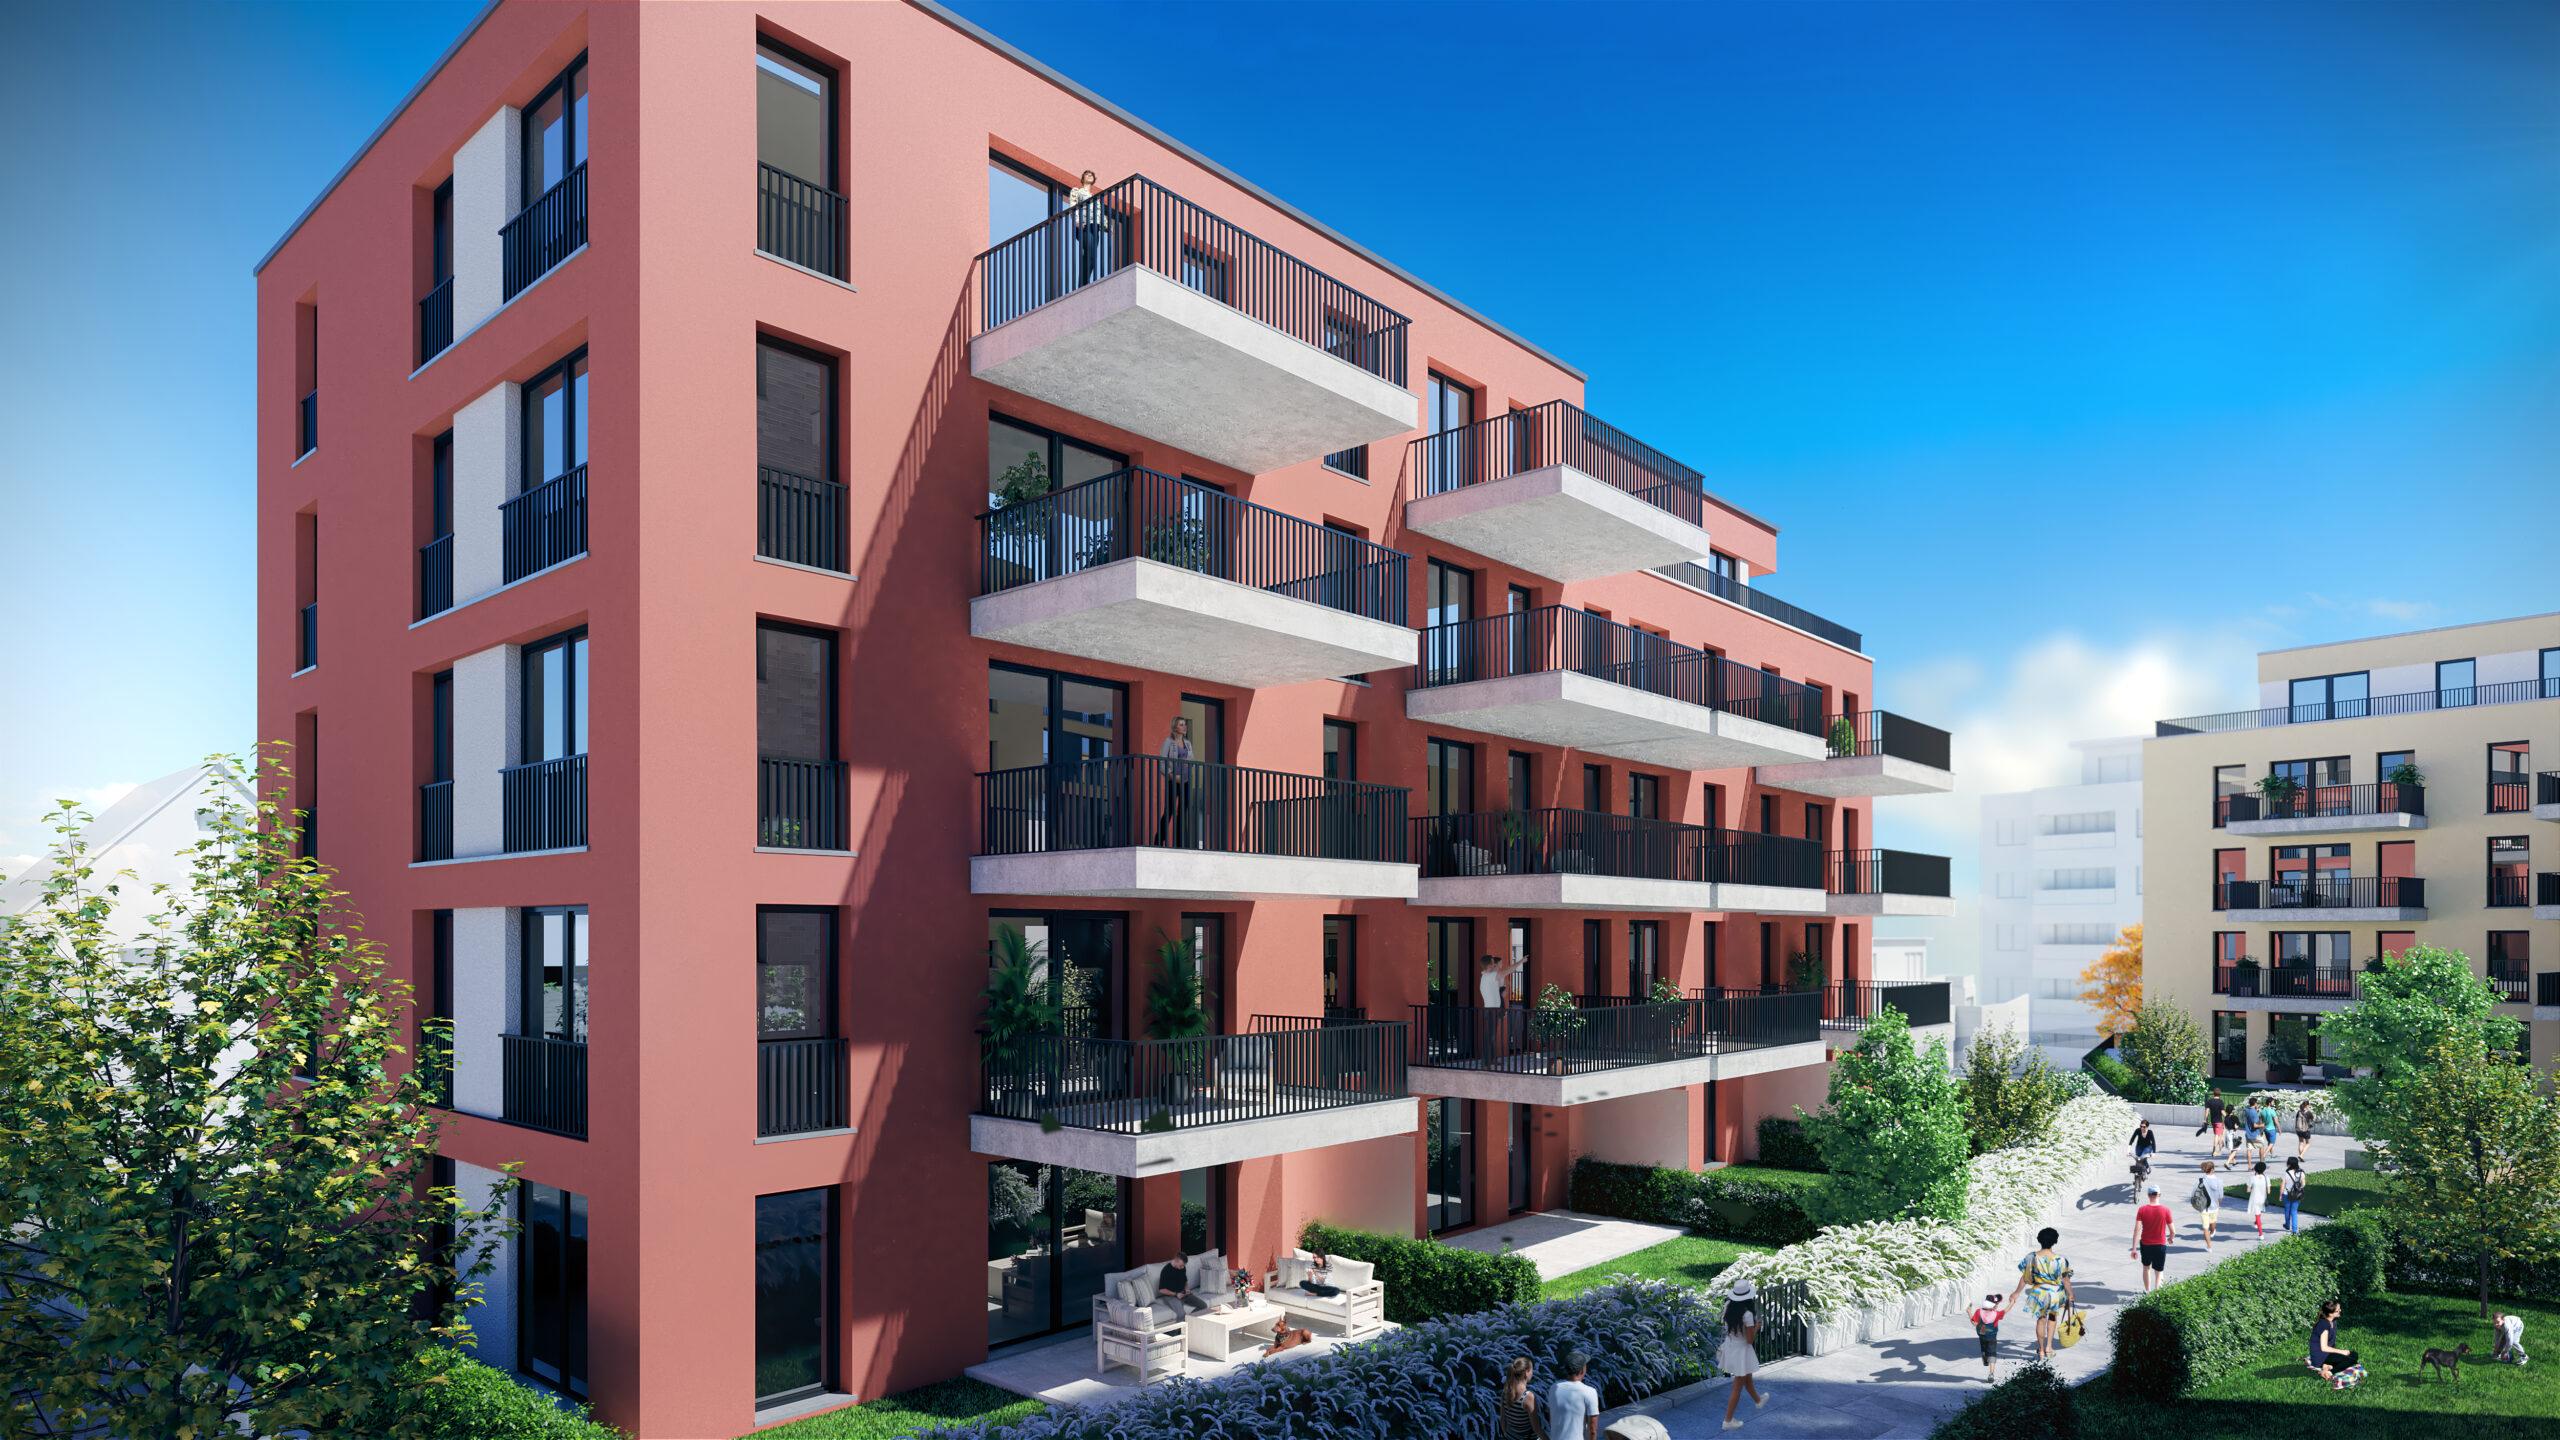 Ihr Traum vom Eigenheim! 4-Zimmer-Eigentumswohnung mit Süd-Balkon